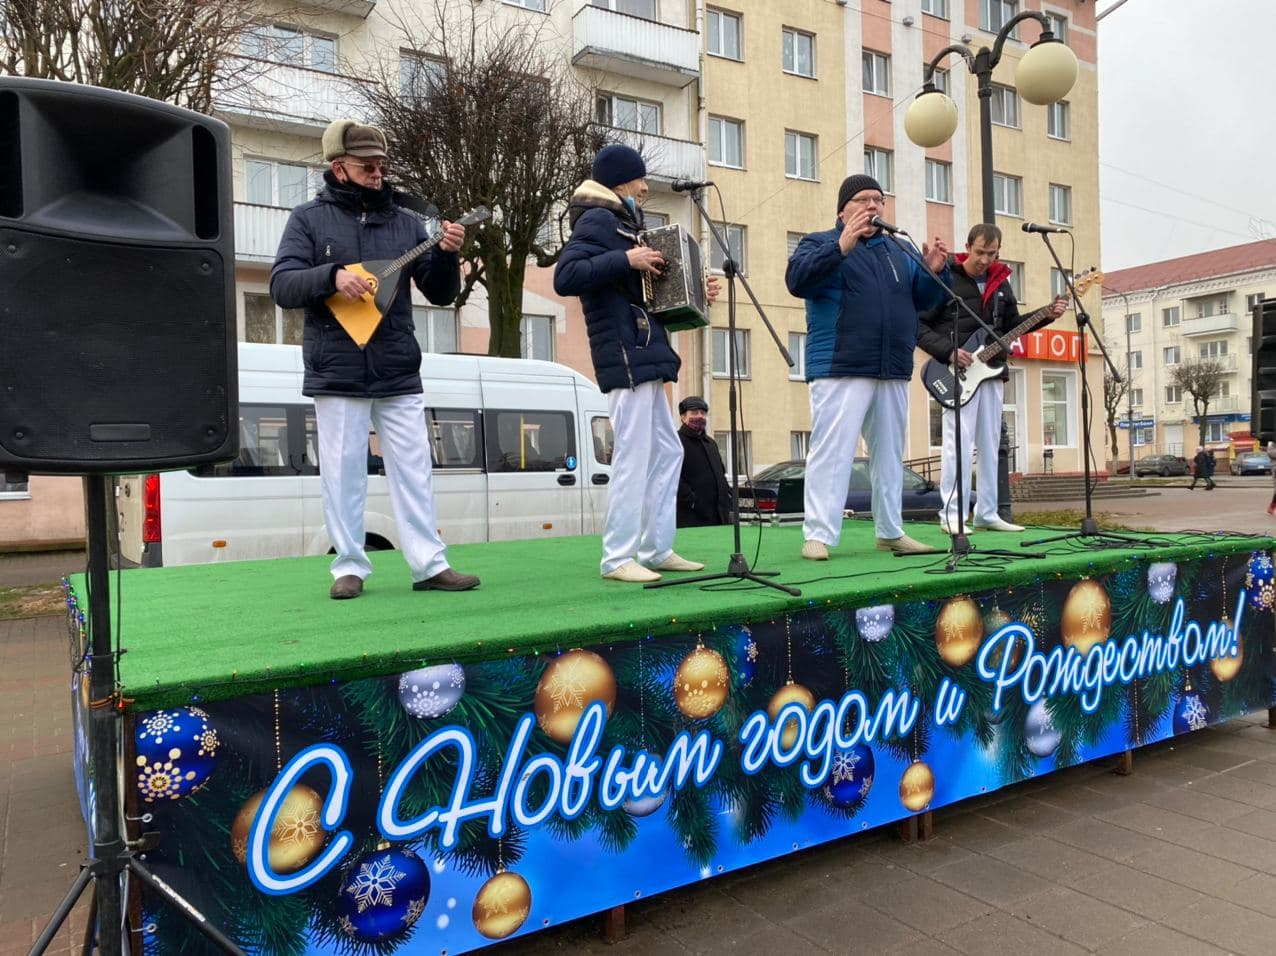 photo_2020-12-20_16-12-26